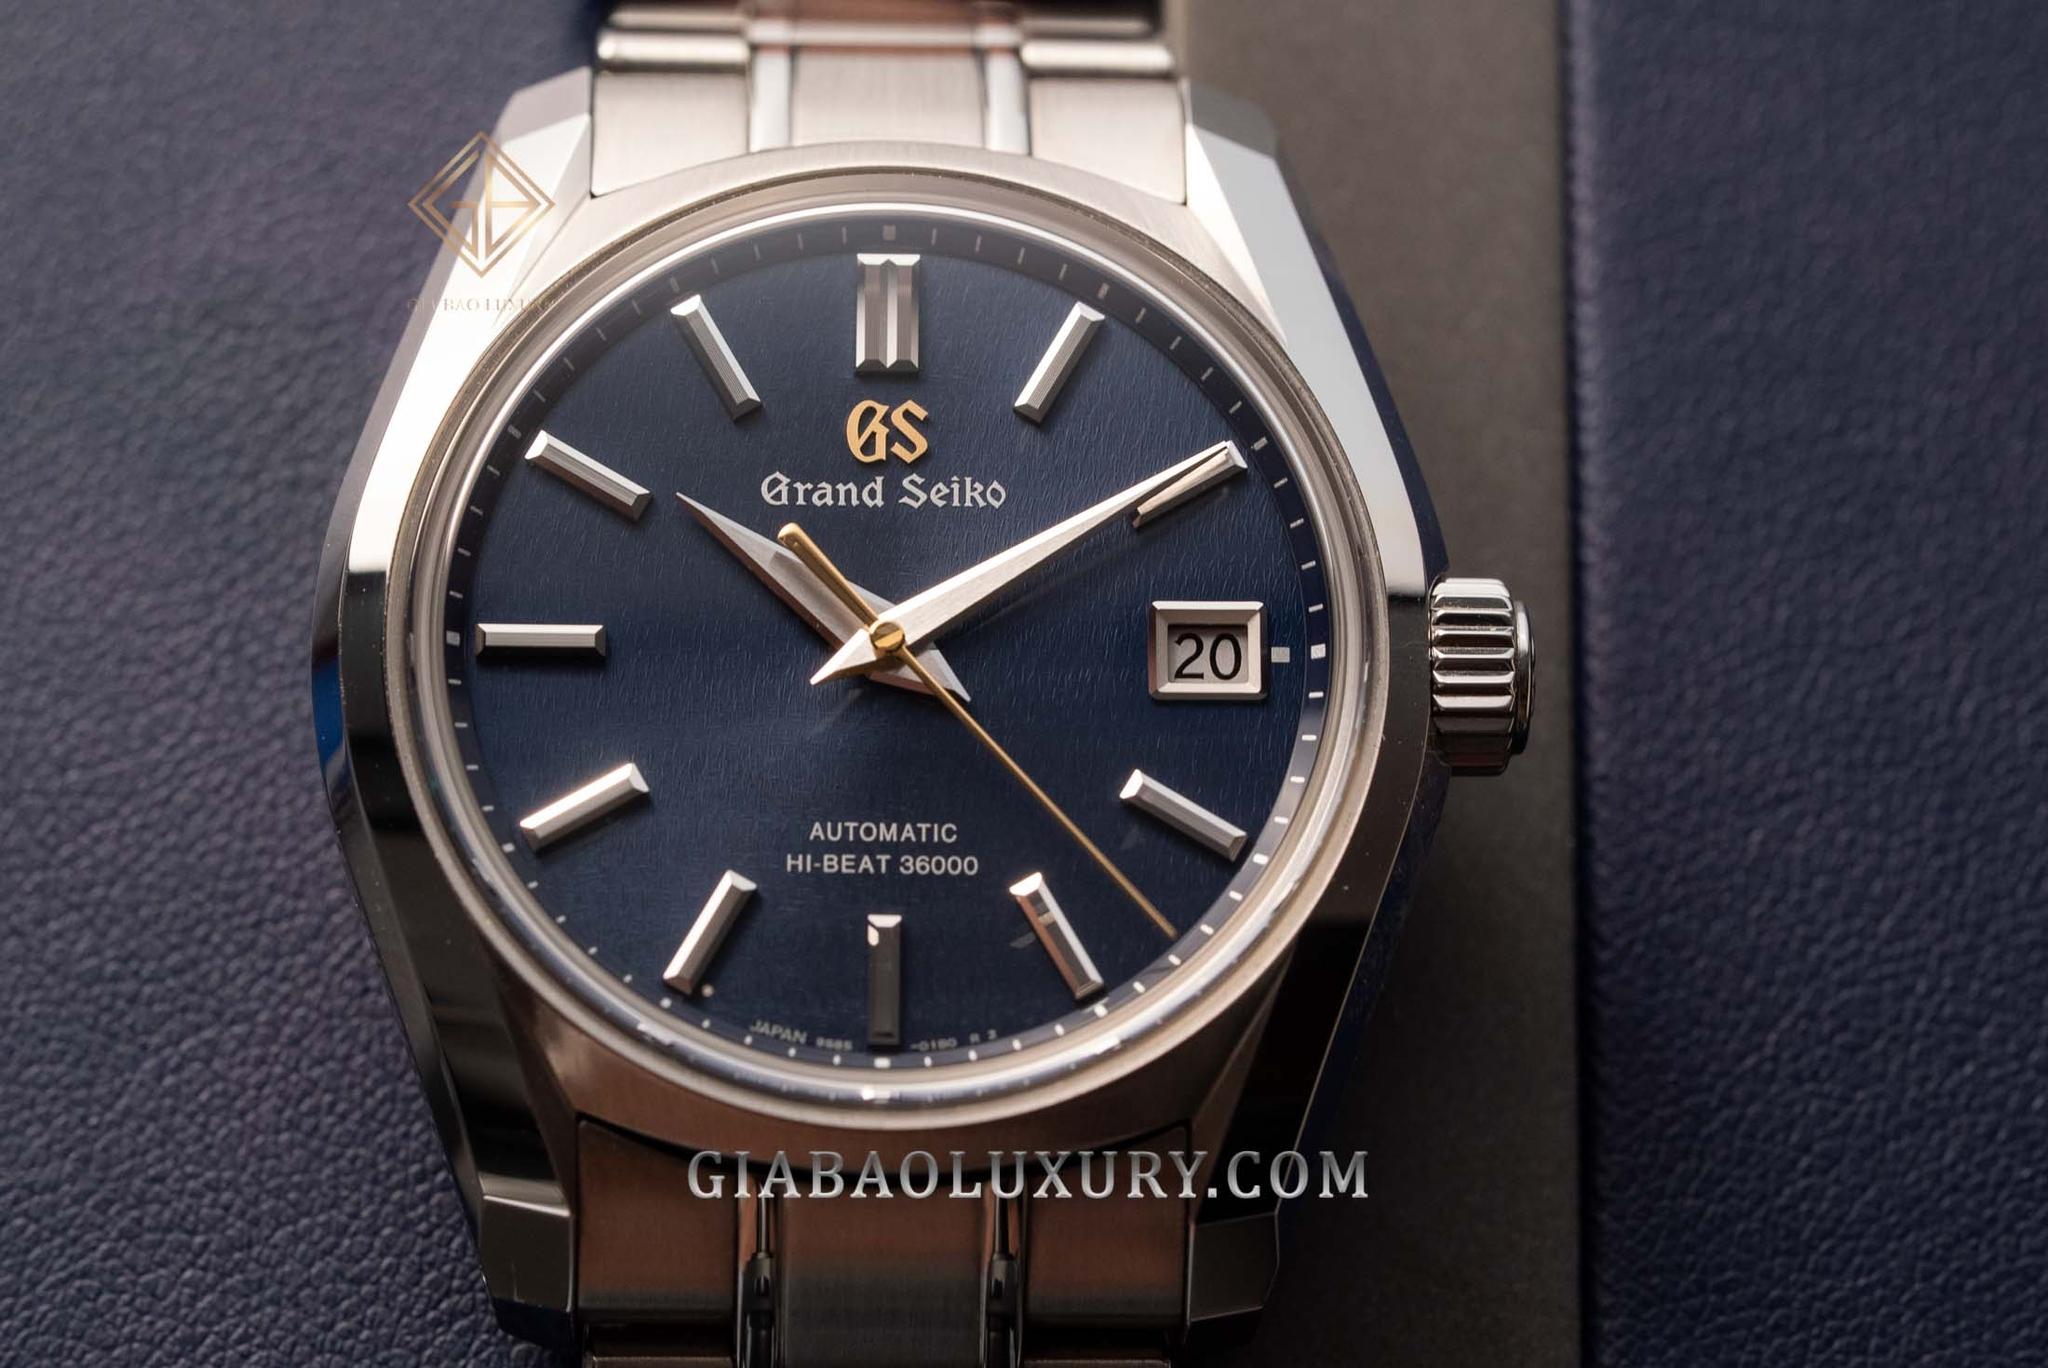 Một trong những hãng đồng hồ Nhật Bản nổi tiếng nhất là Grand Seiko